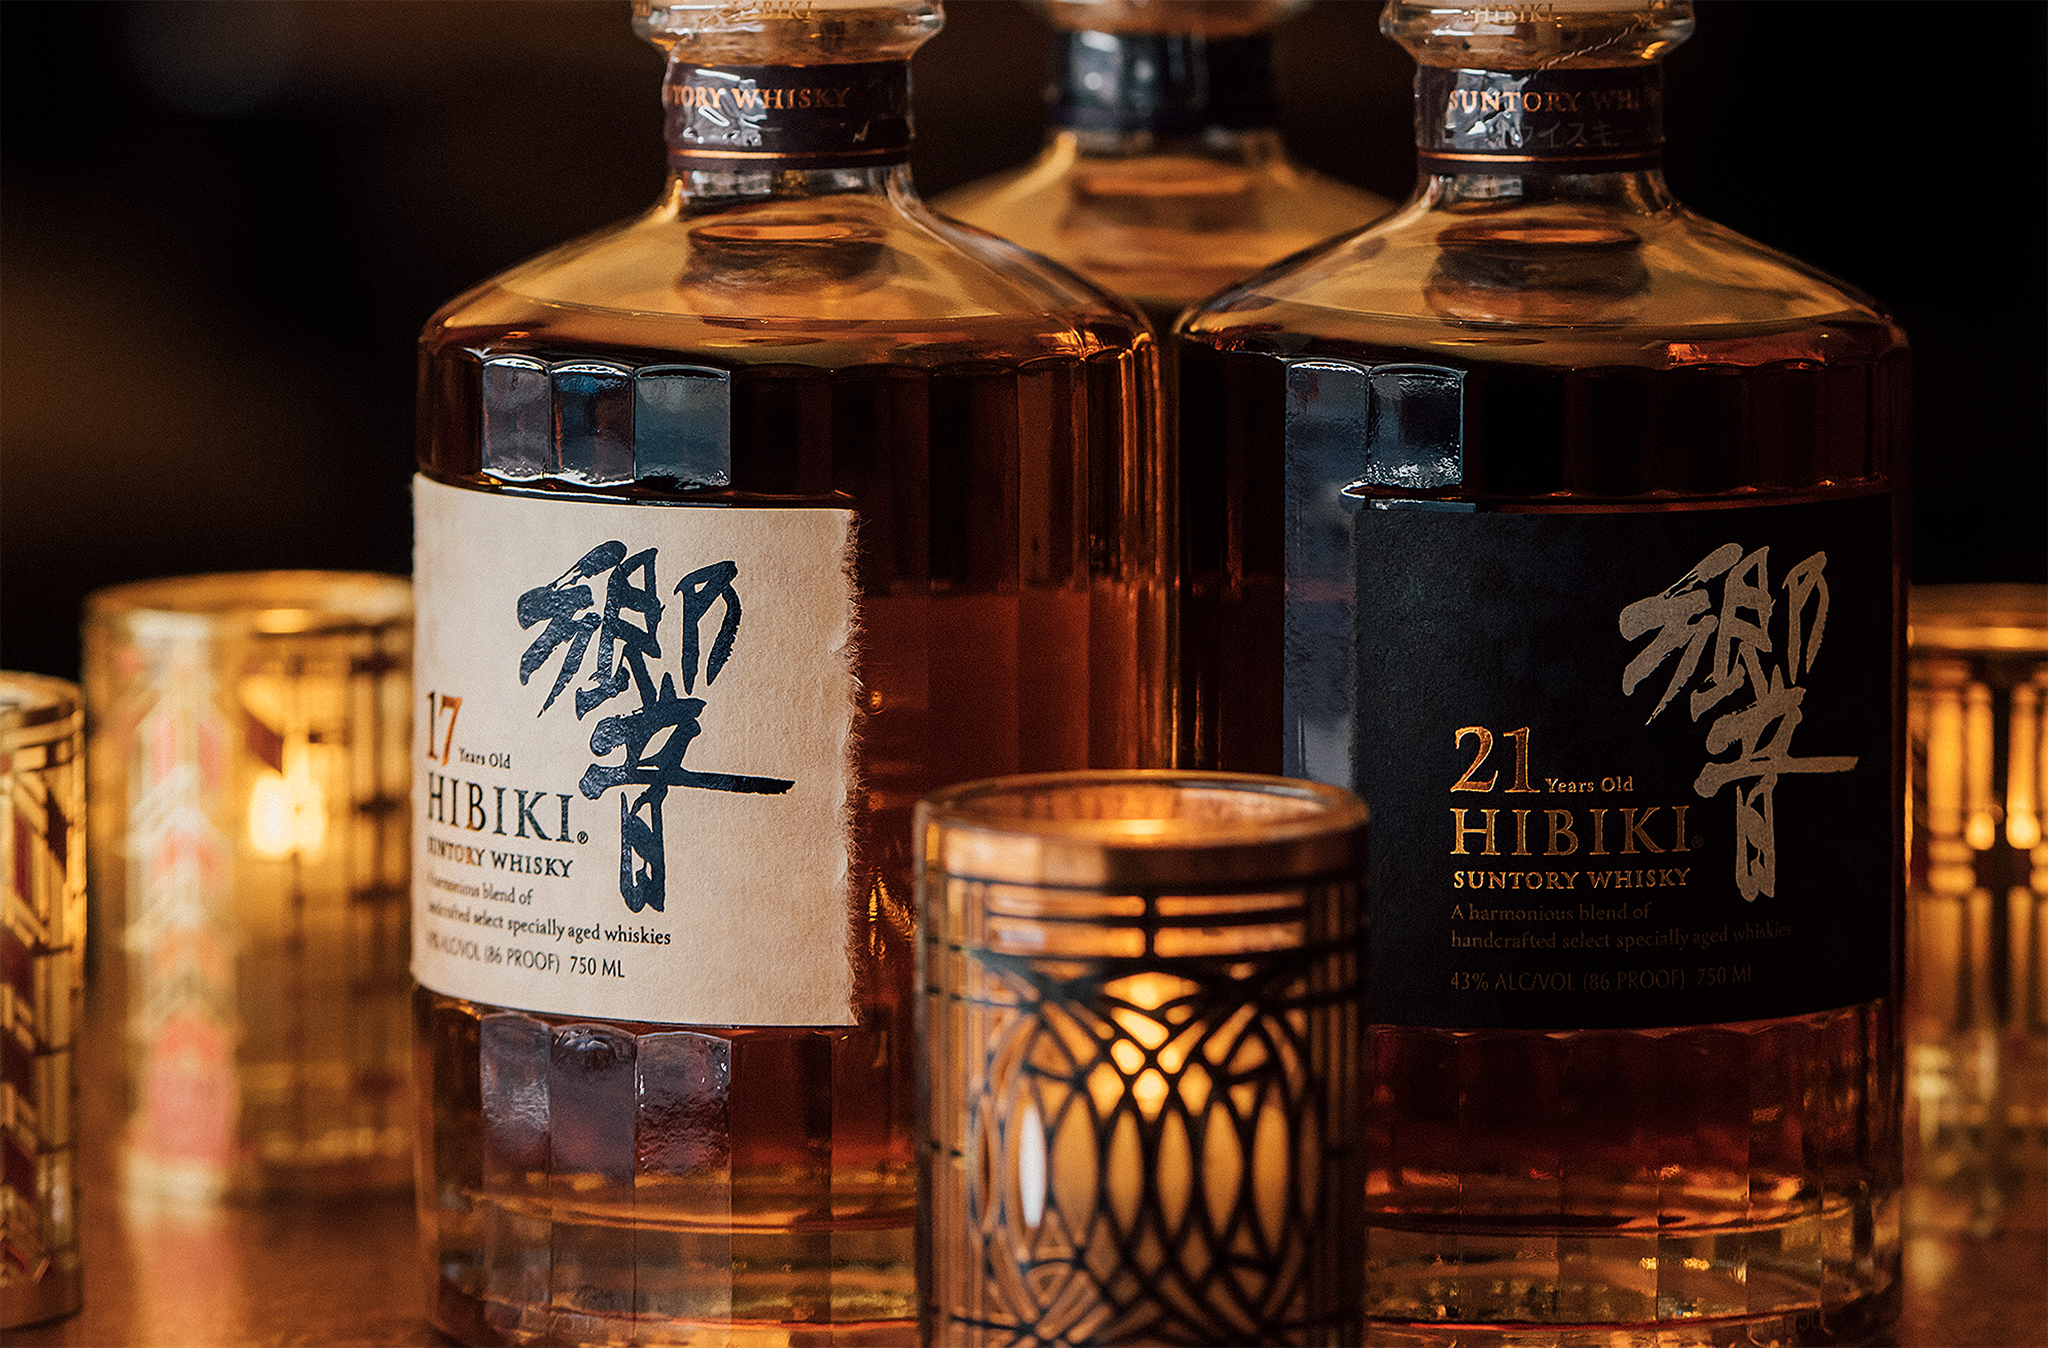 Christian Webb-Photography-SCB-Japanese-Whisky-Suntory-Hibiki-17-Hibiki-21-Hibiki Harmony-Trio.jpg